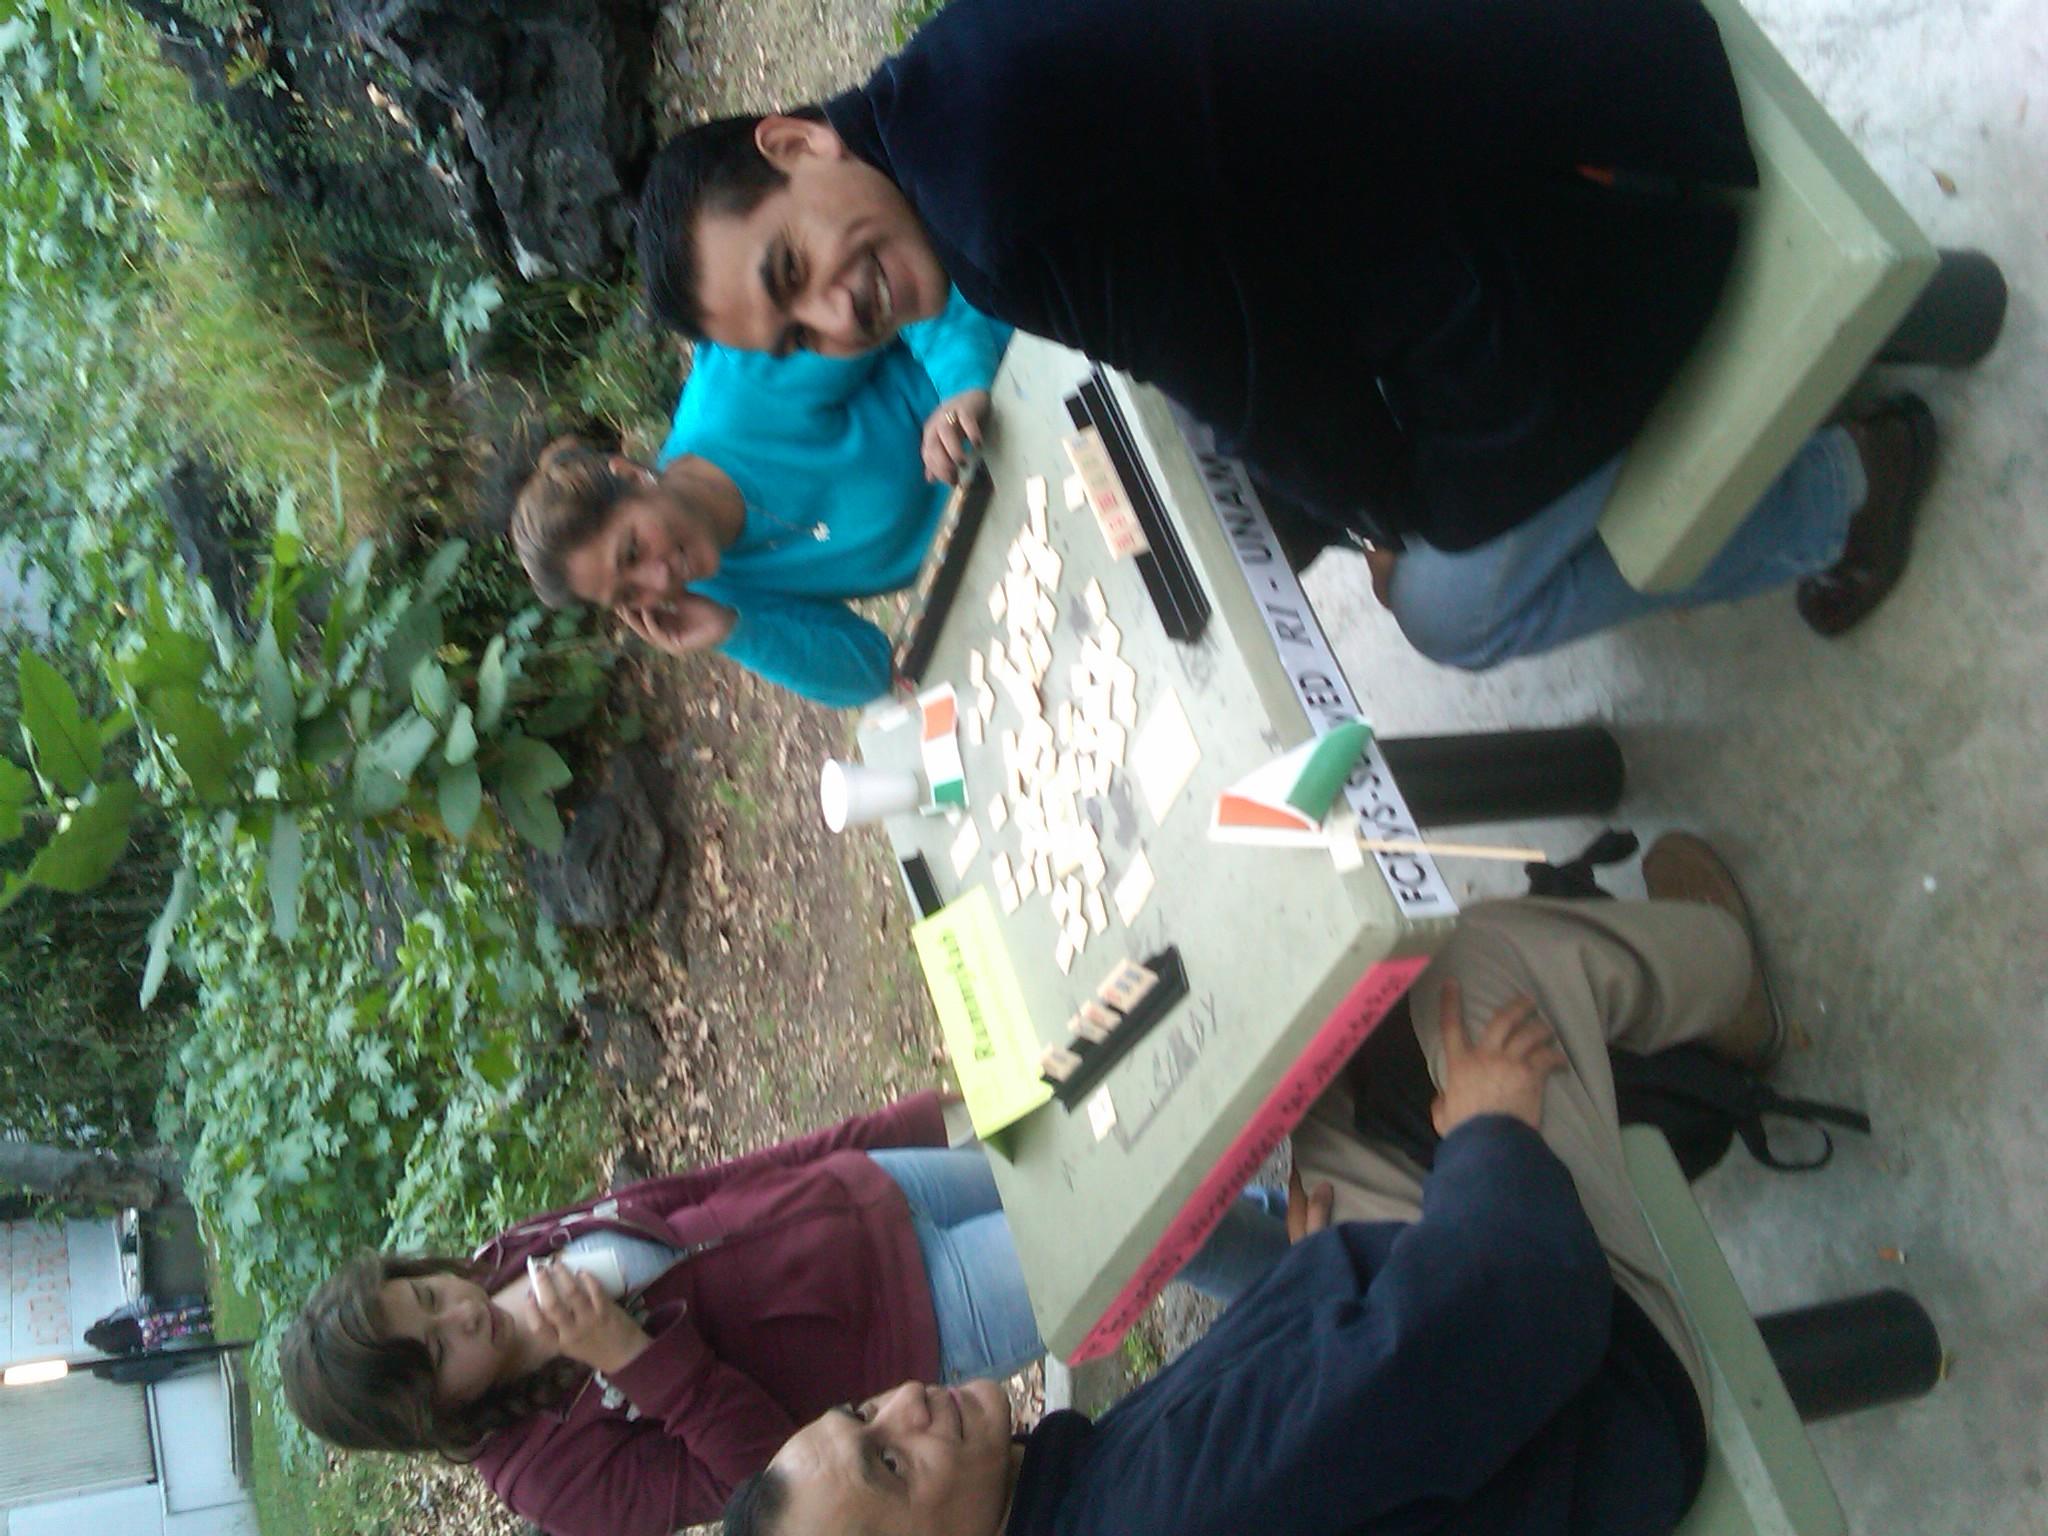 Juegos_para_lograr_la_paz,_Facultad_de_Ciencias_Políticas_y_Sociales-UNAM_4